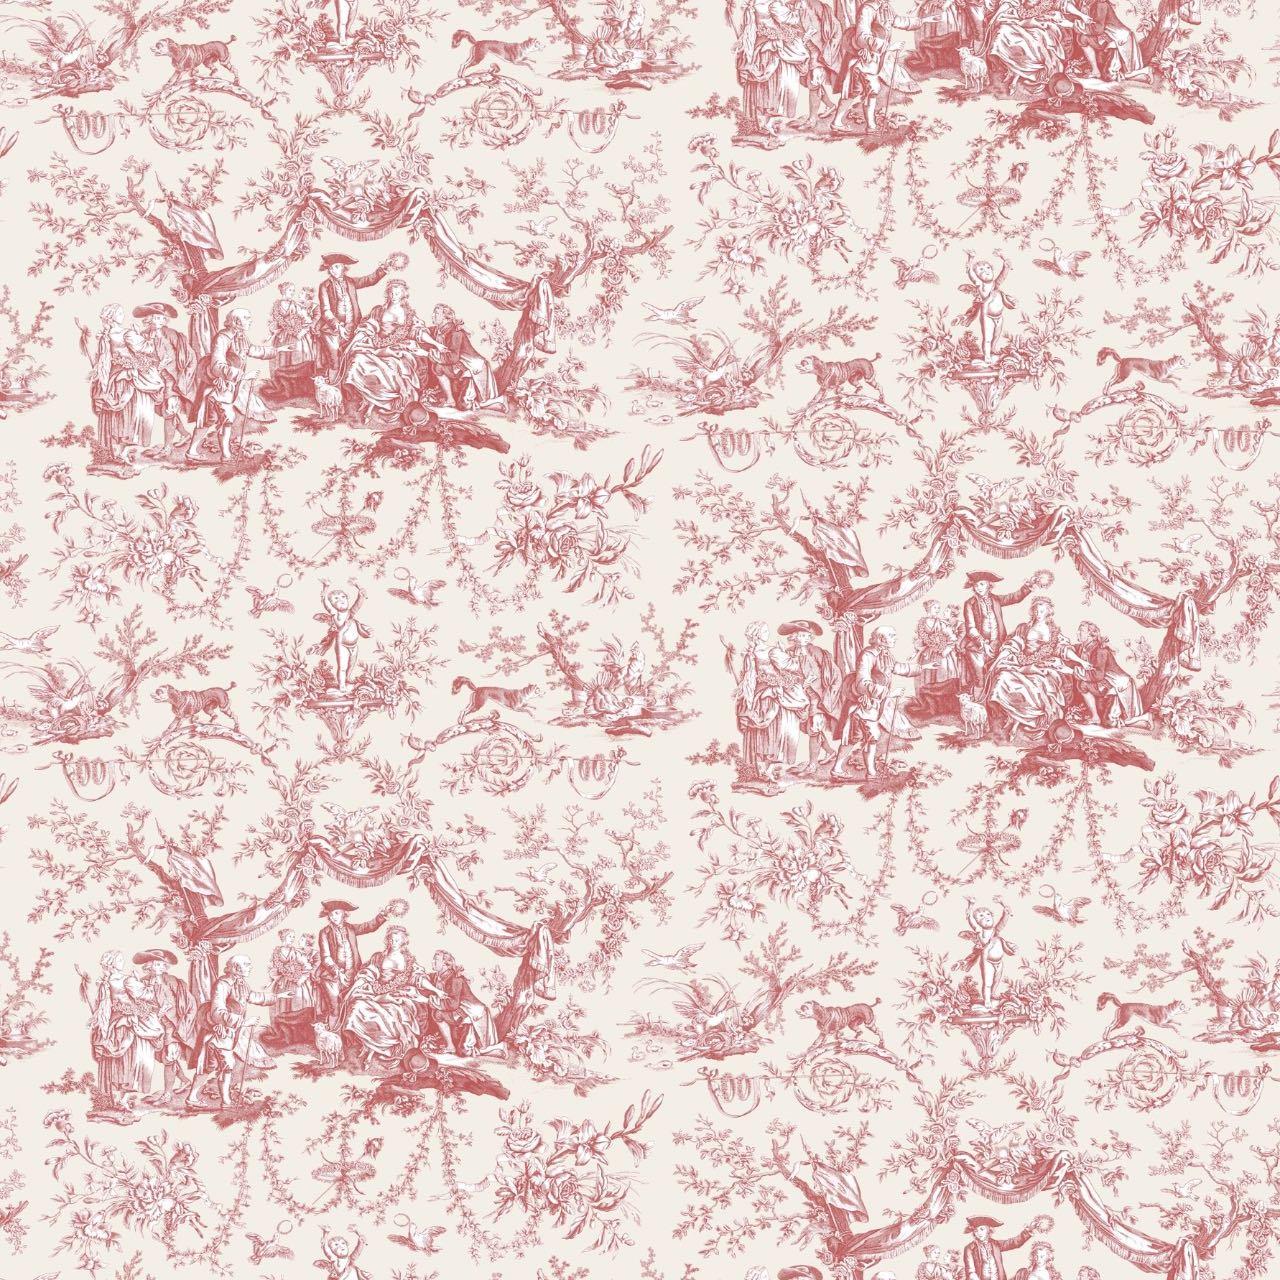 インテリアファブリック インテリアファブリック コットントワルドジュイプリント バラ冠を受ける少女 レッド - 129215600